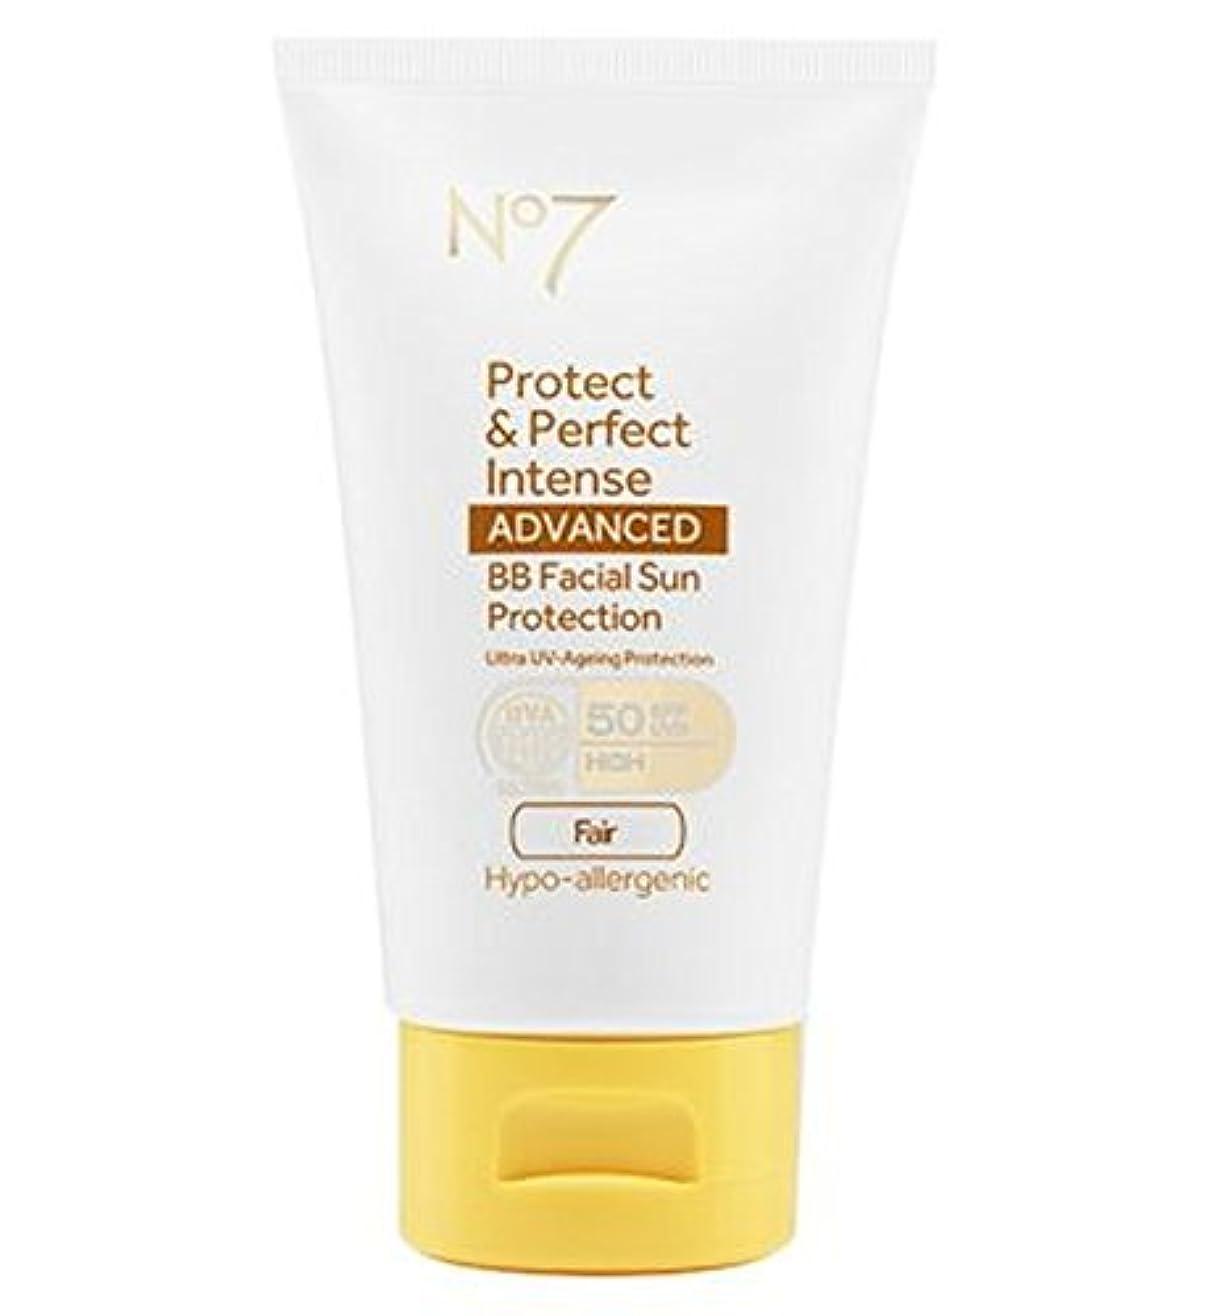 郵便百科事典逸脱No7 Protect & Perfect Intense ADVANCED BB Facial Sun Protection SPF50 Fair 50ml - No7保護&完璧な強烈な先進Bb顔の日焼け防止Spf50フェア50ミリリットル (No7) [並行輸入品]